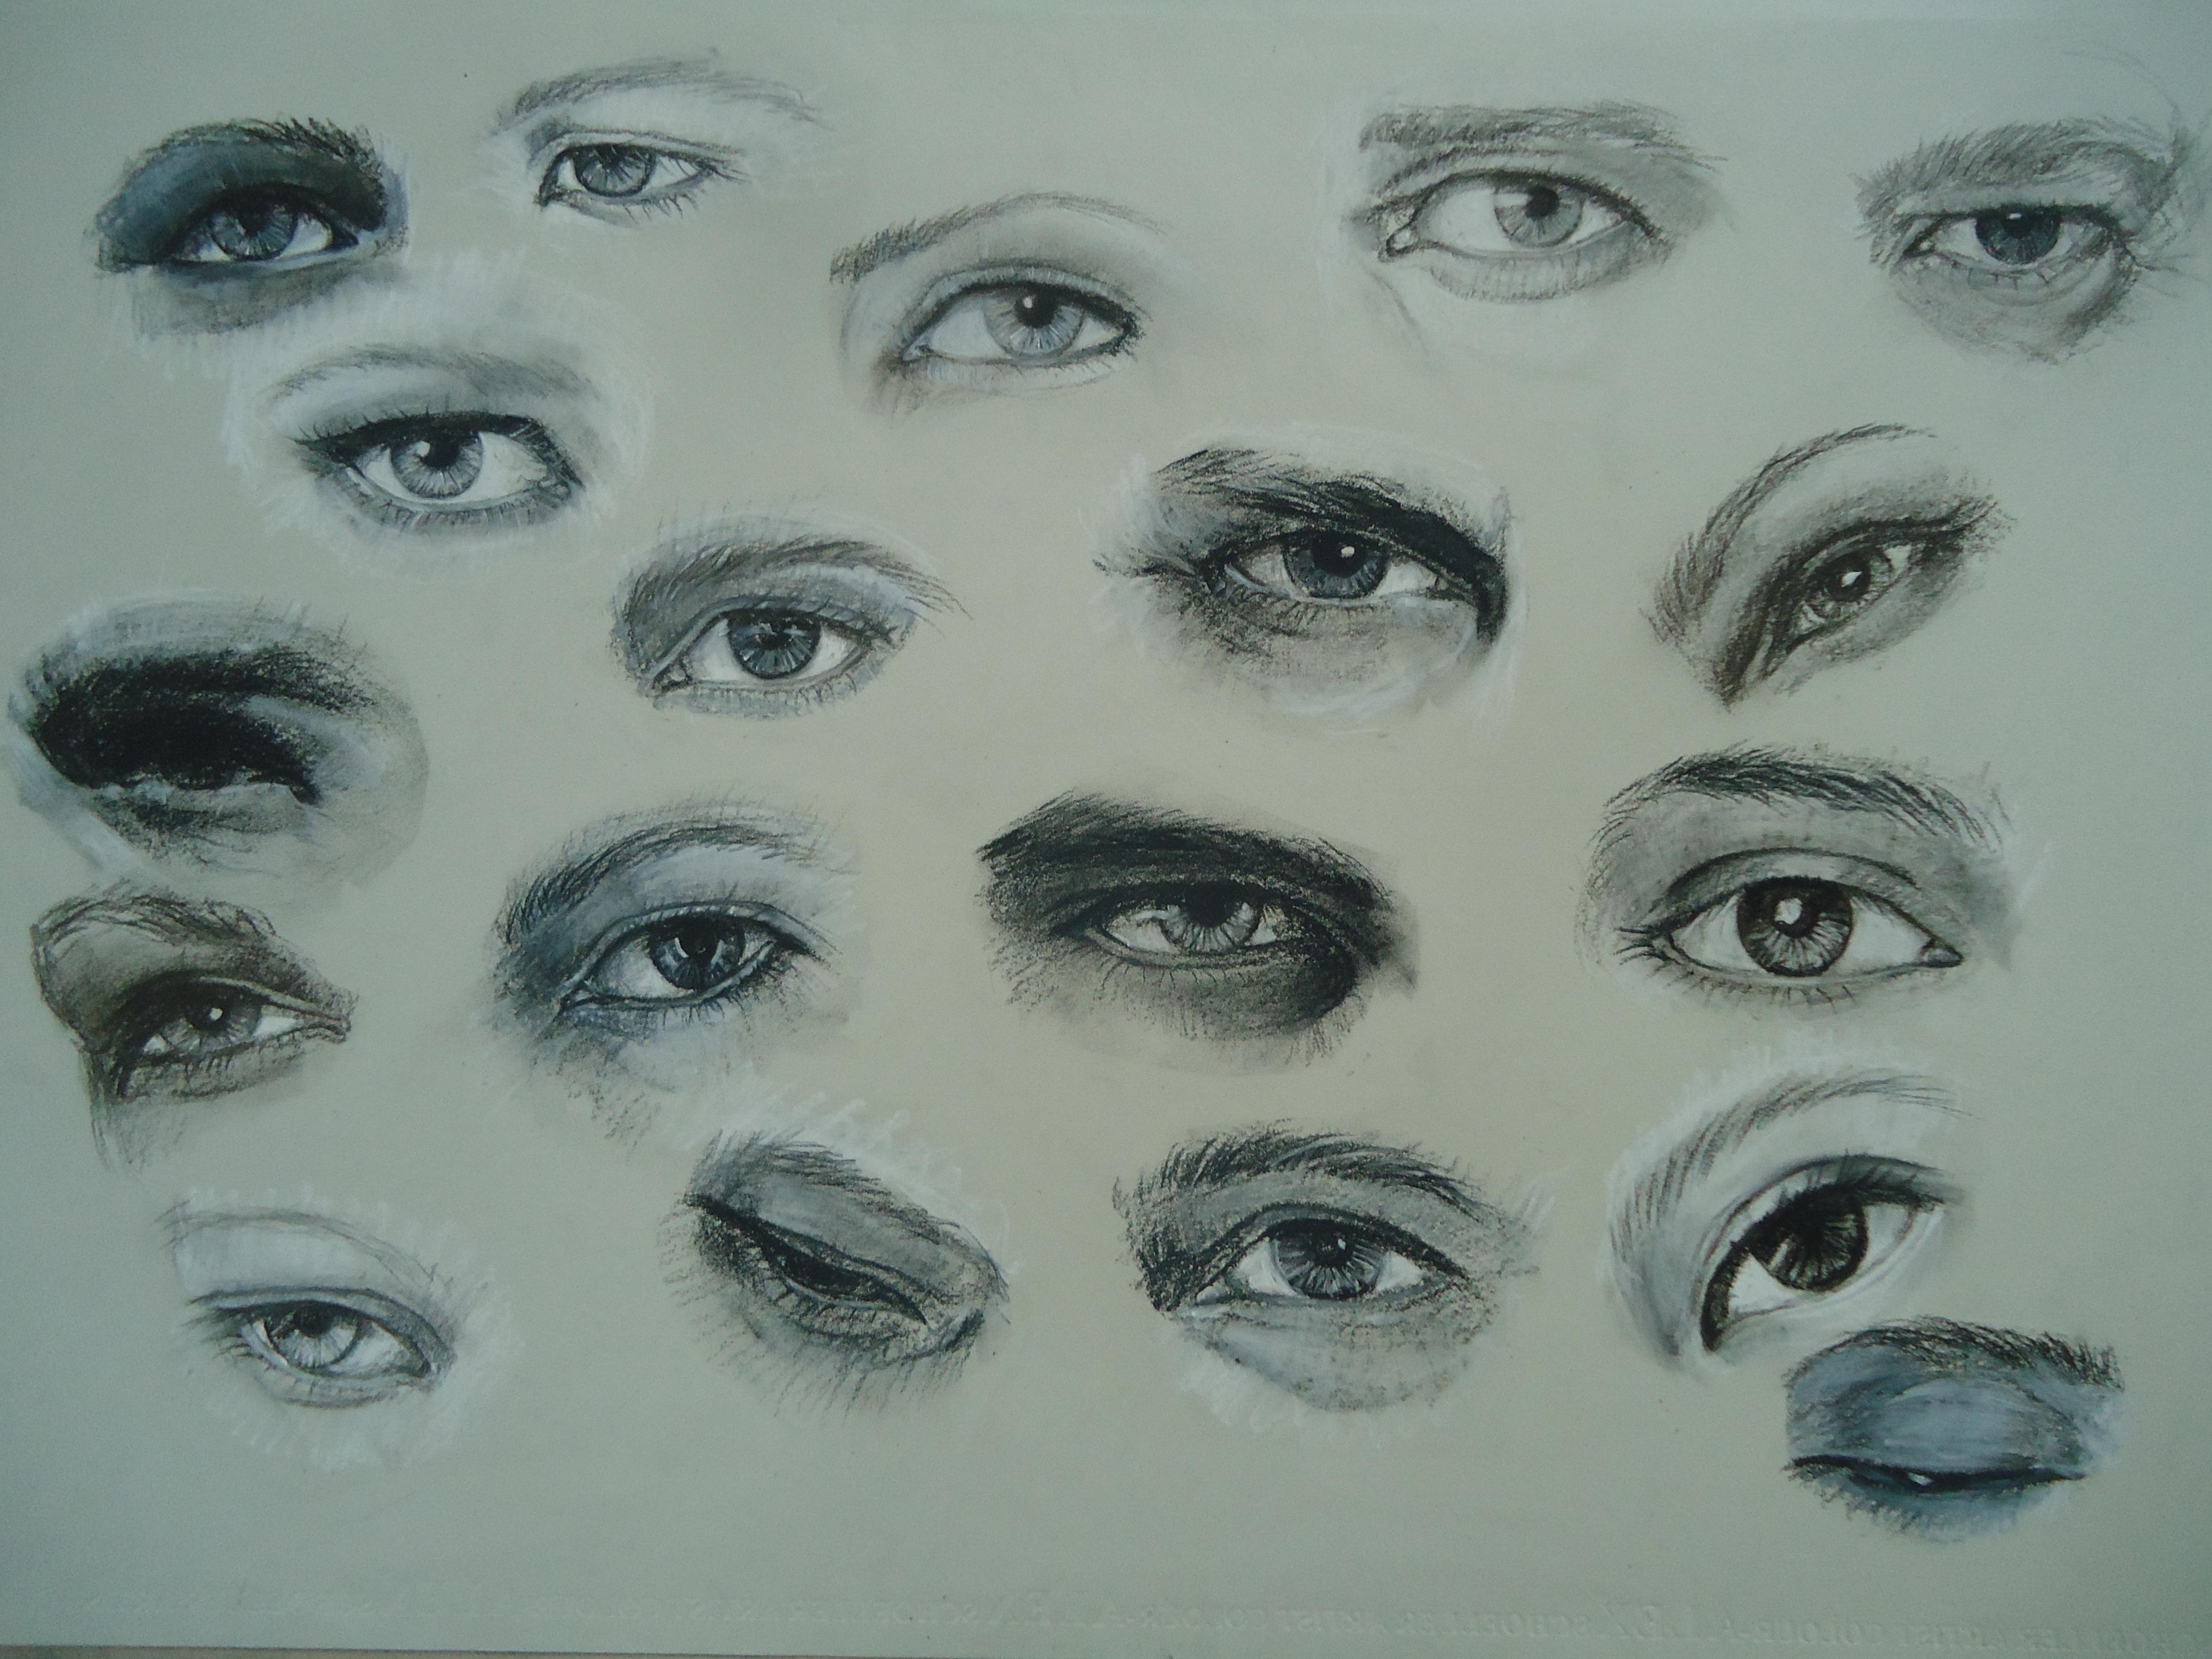 pastel pencil eye drawings by blackblacksea on DeviantArt